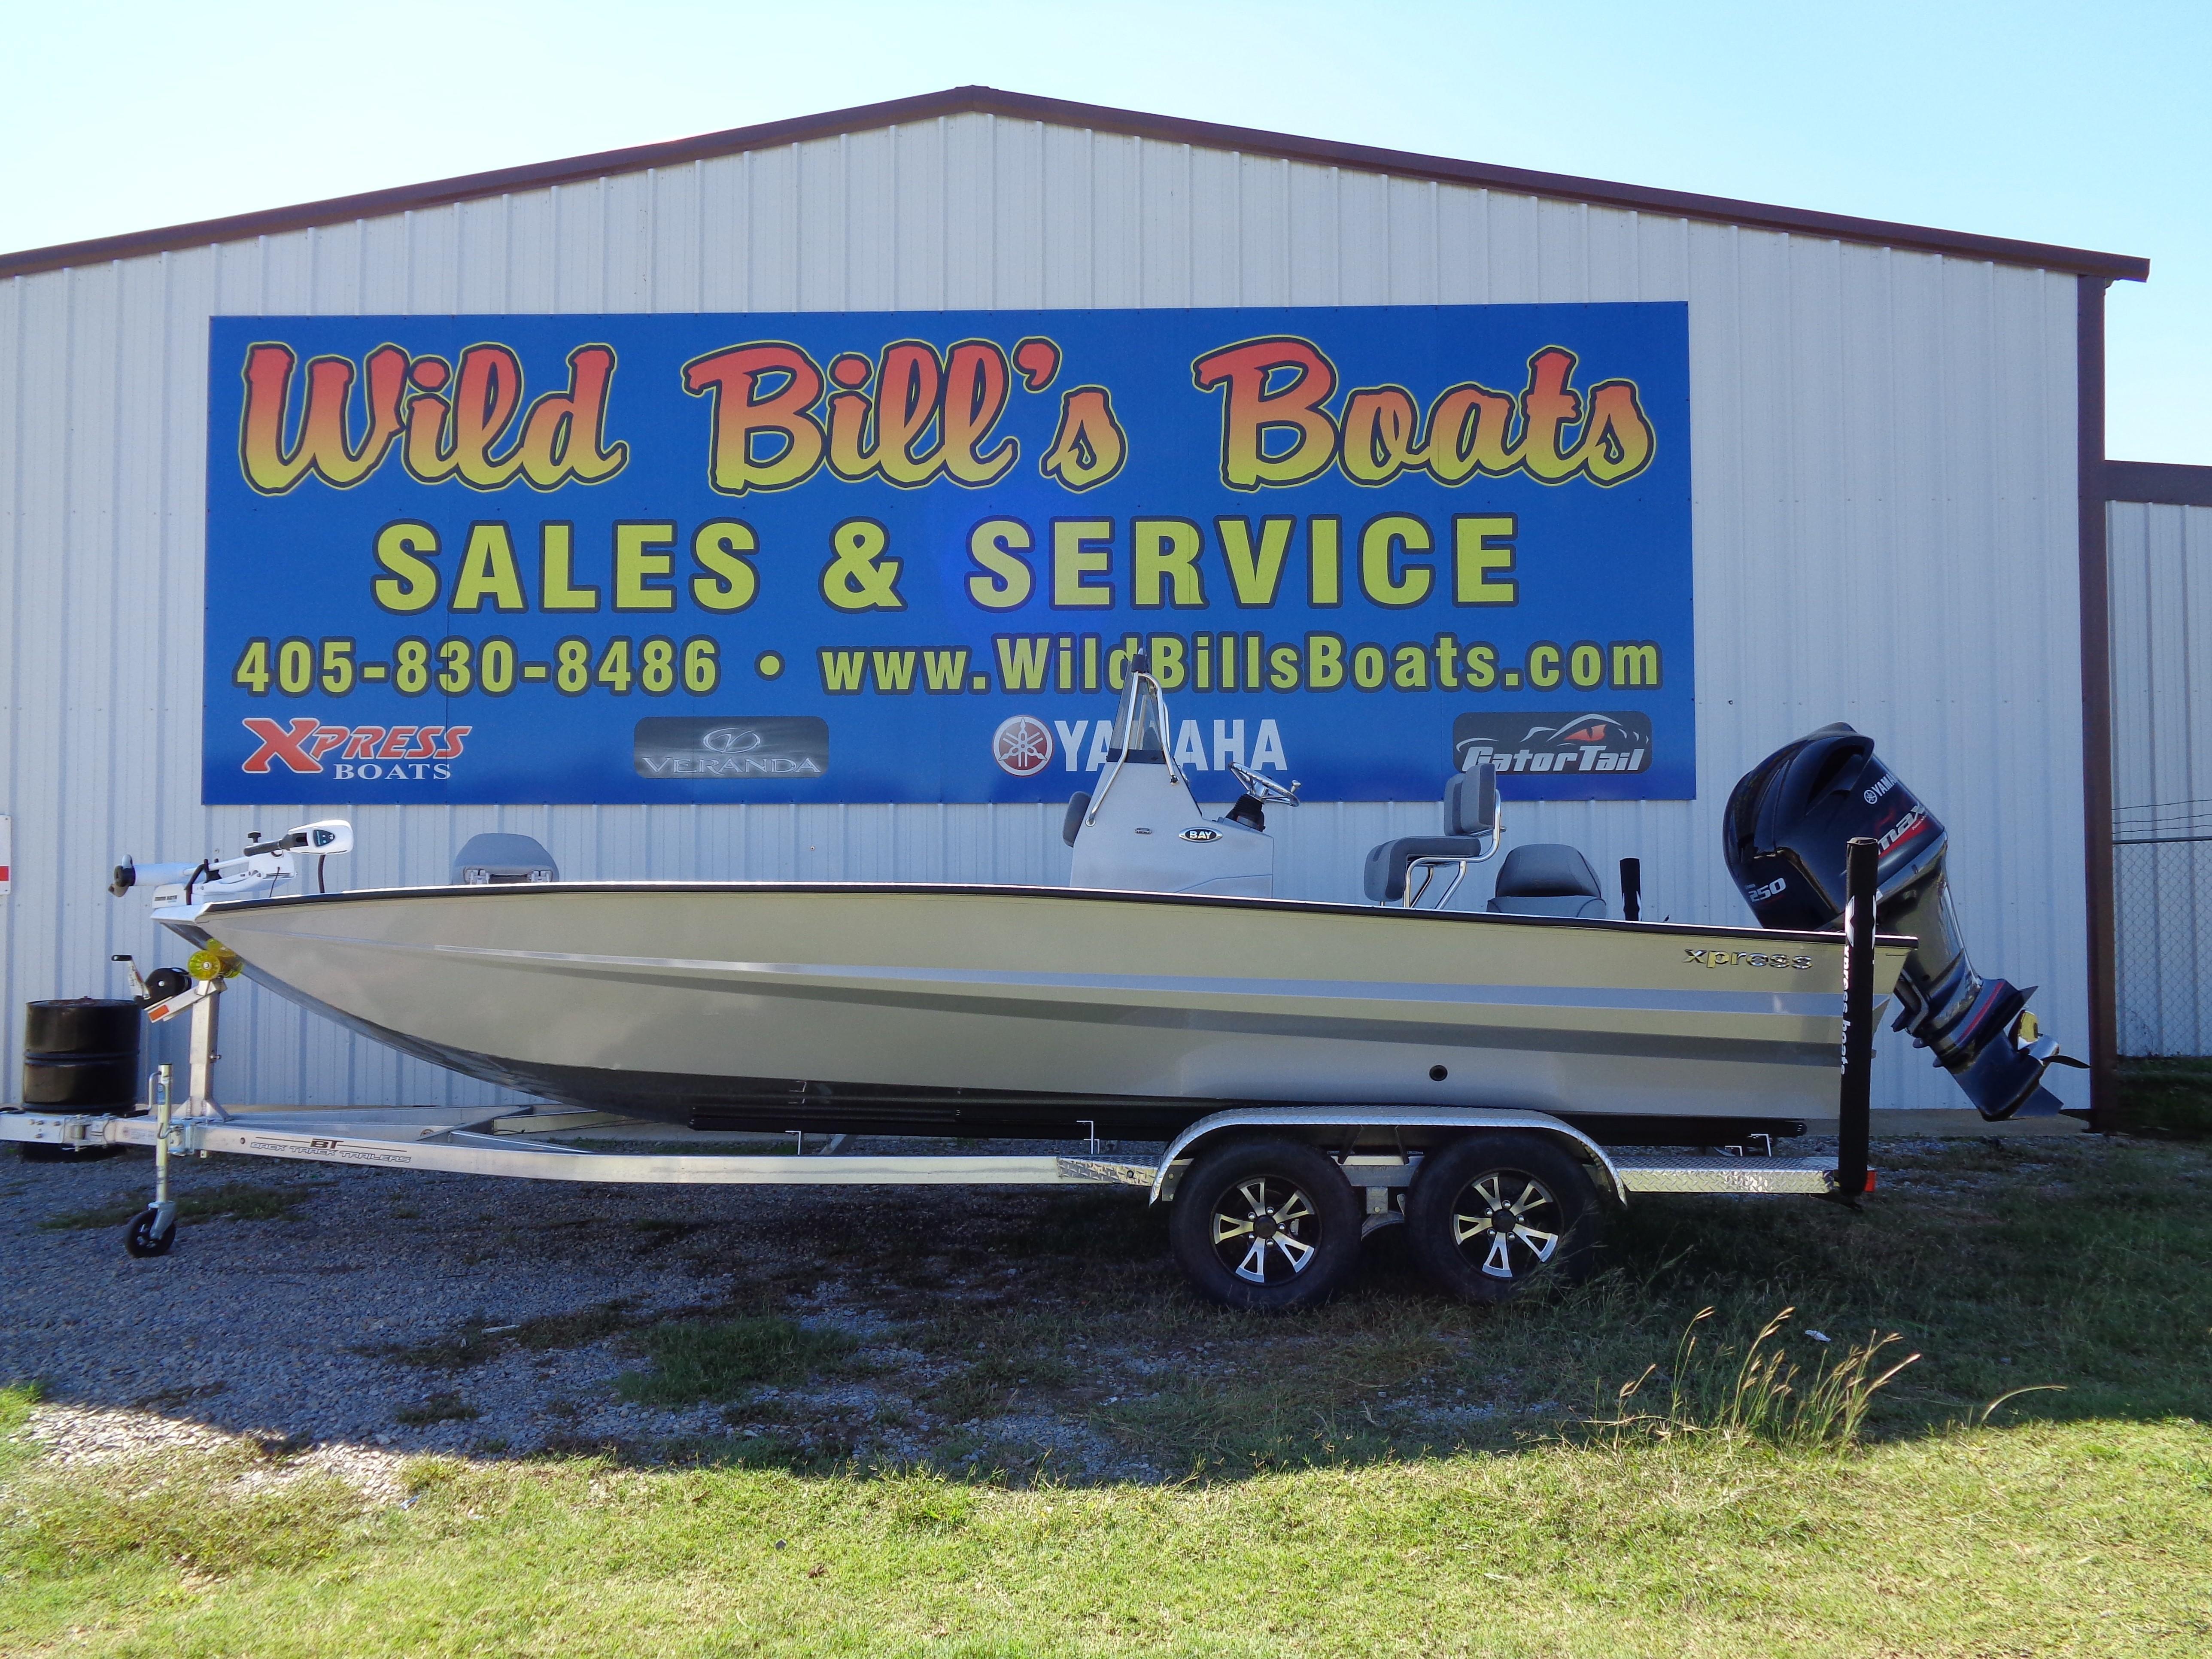 2019 Xpress X 23 Bay Mead, Oklahoma - Wild Bill's Boats